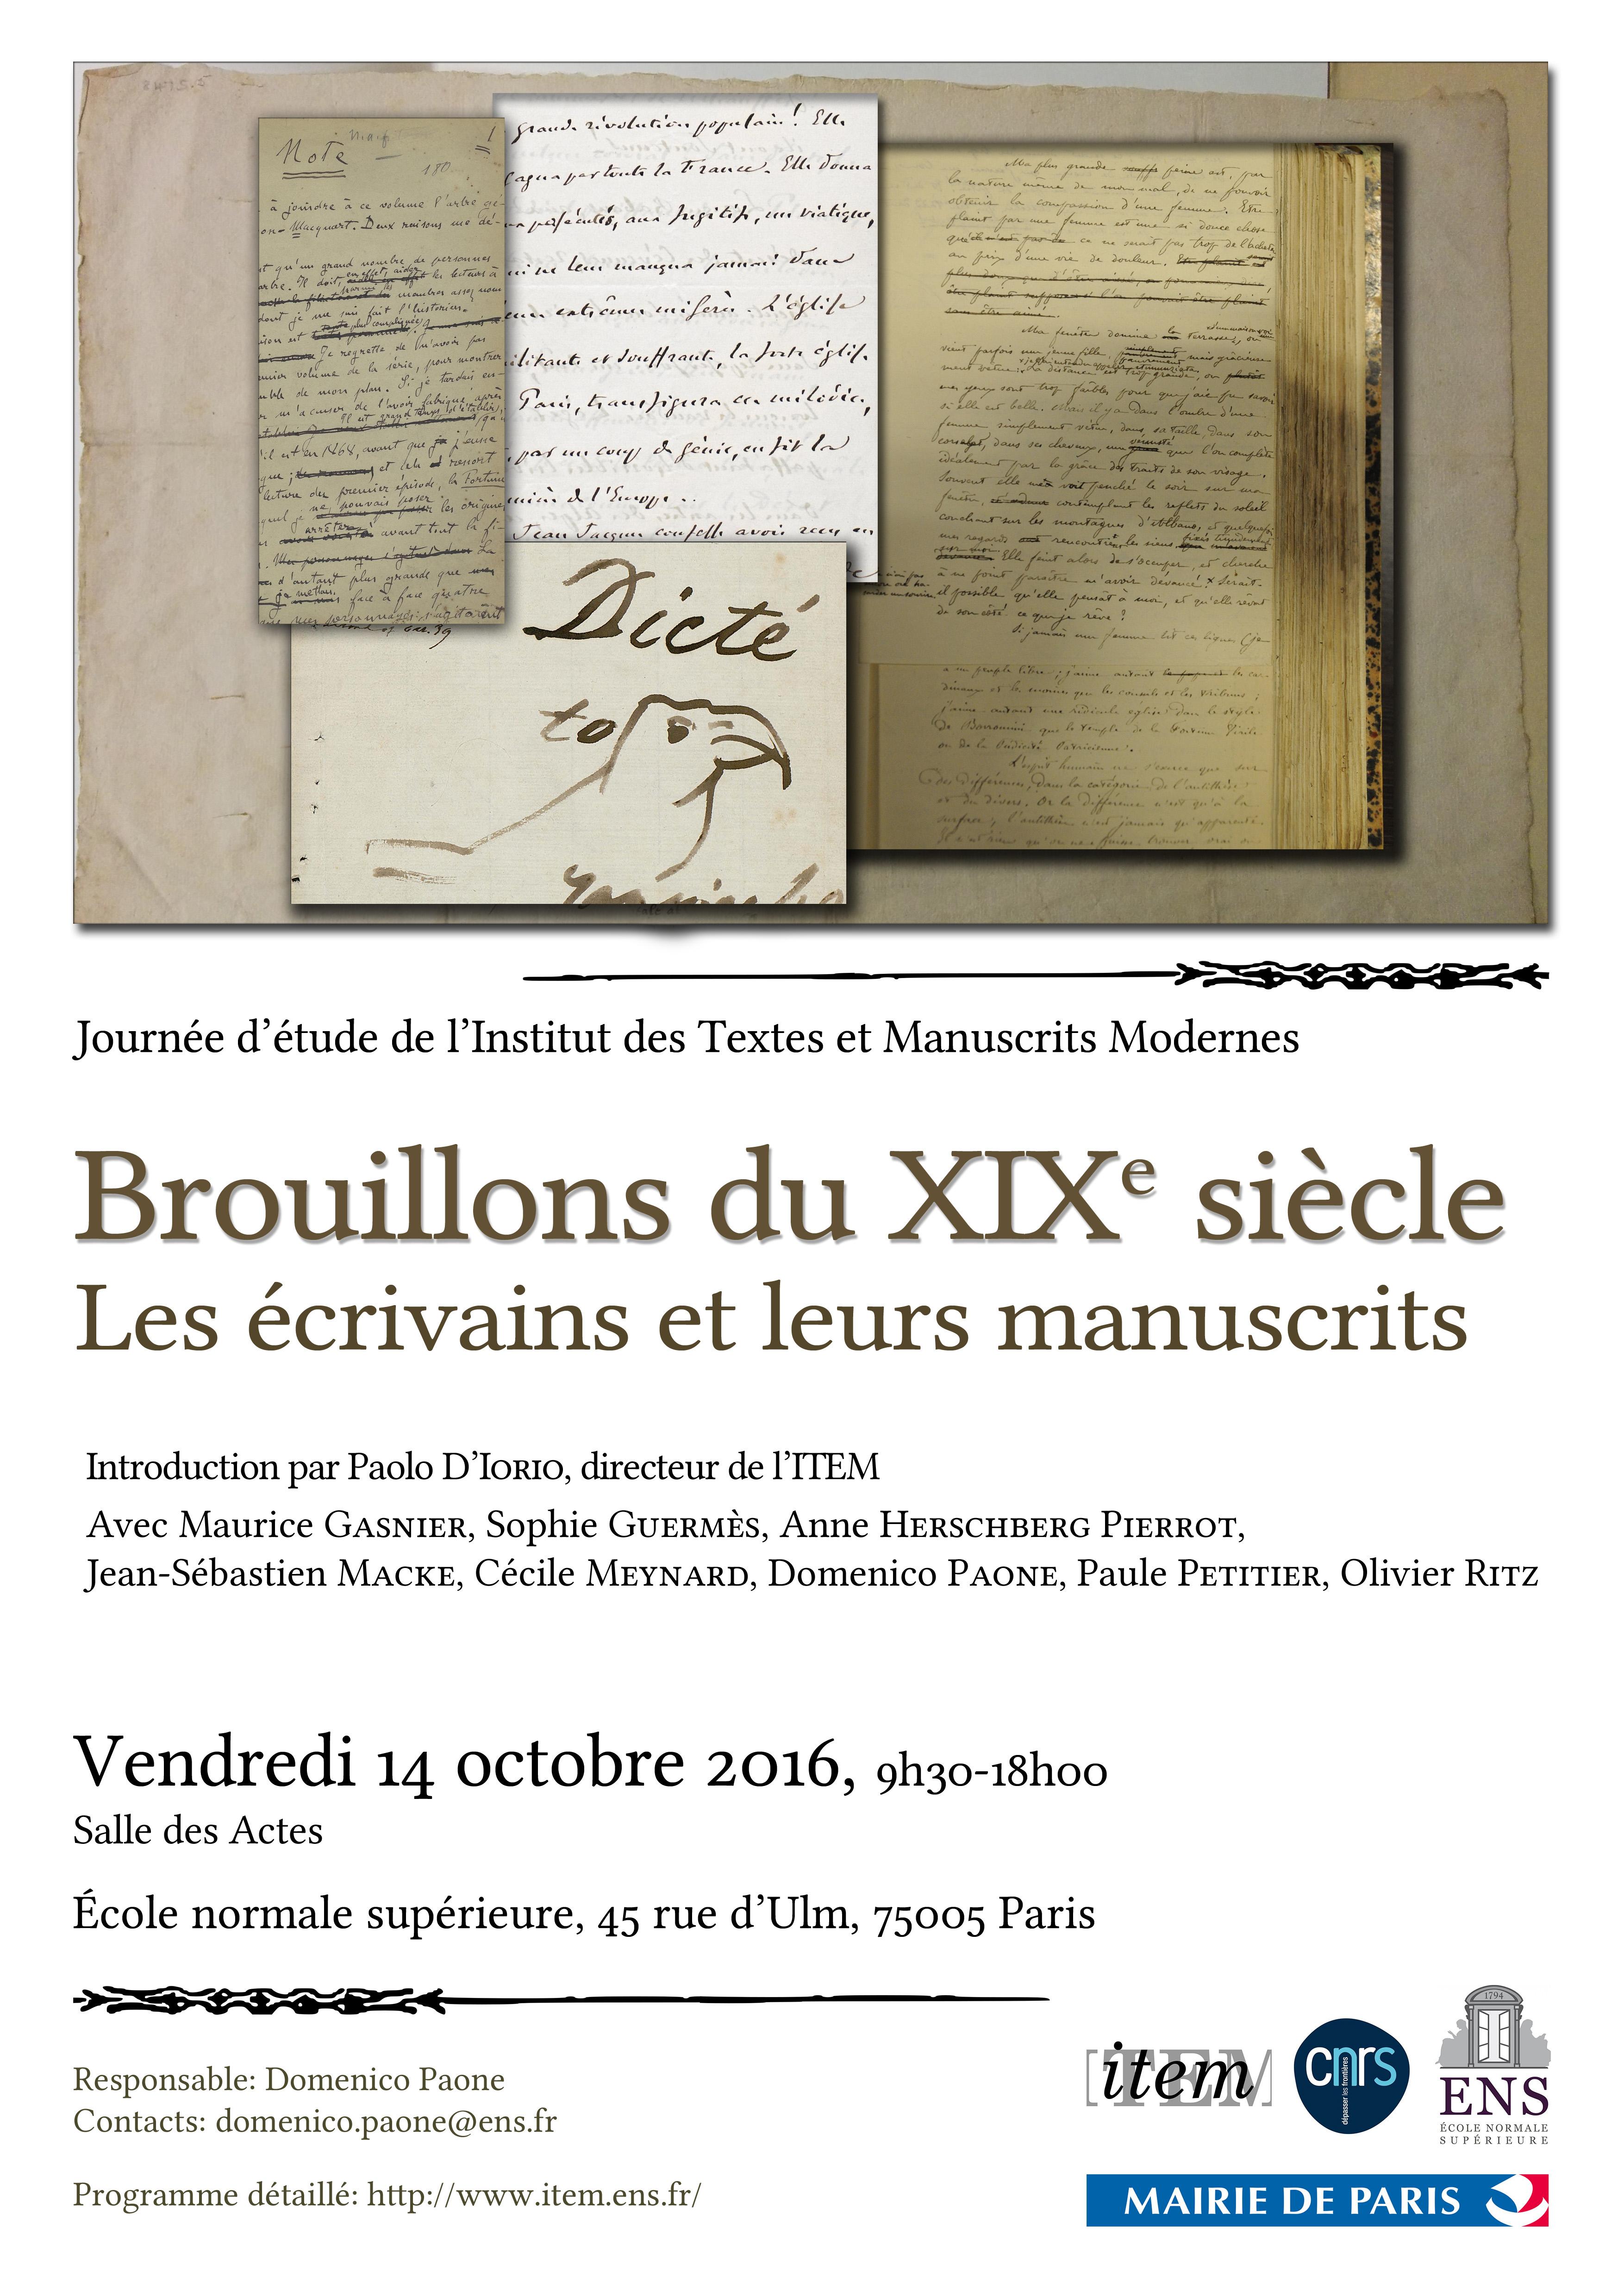 Journée d'études : «Brouillons du XIXe siècle : les écrivains et leurs manuscrits»